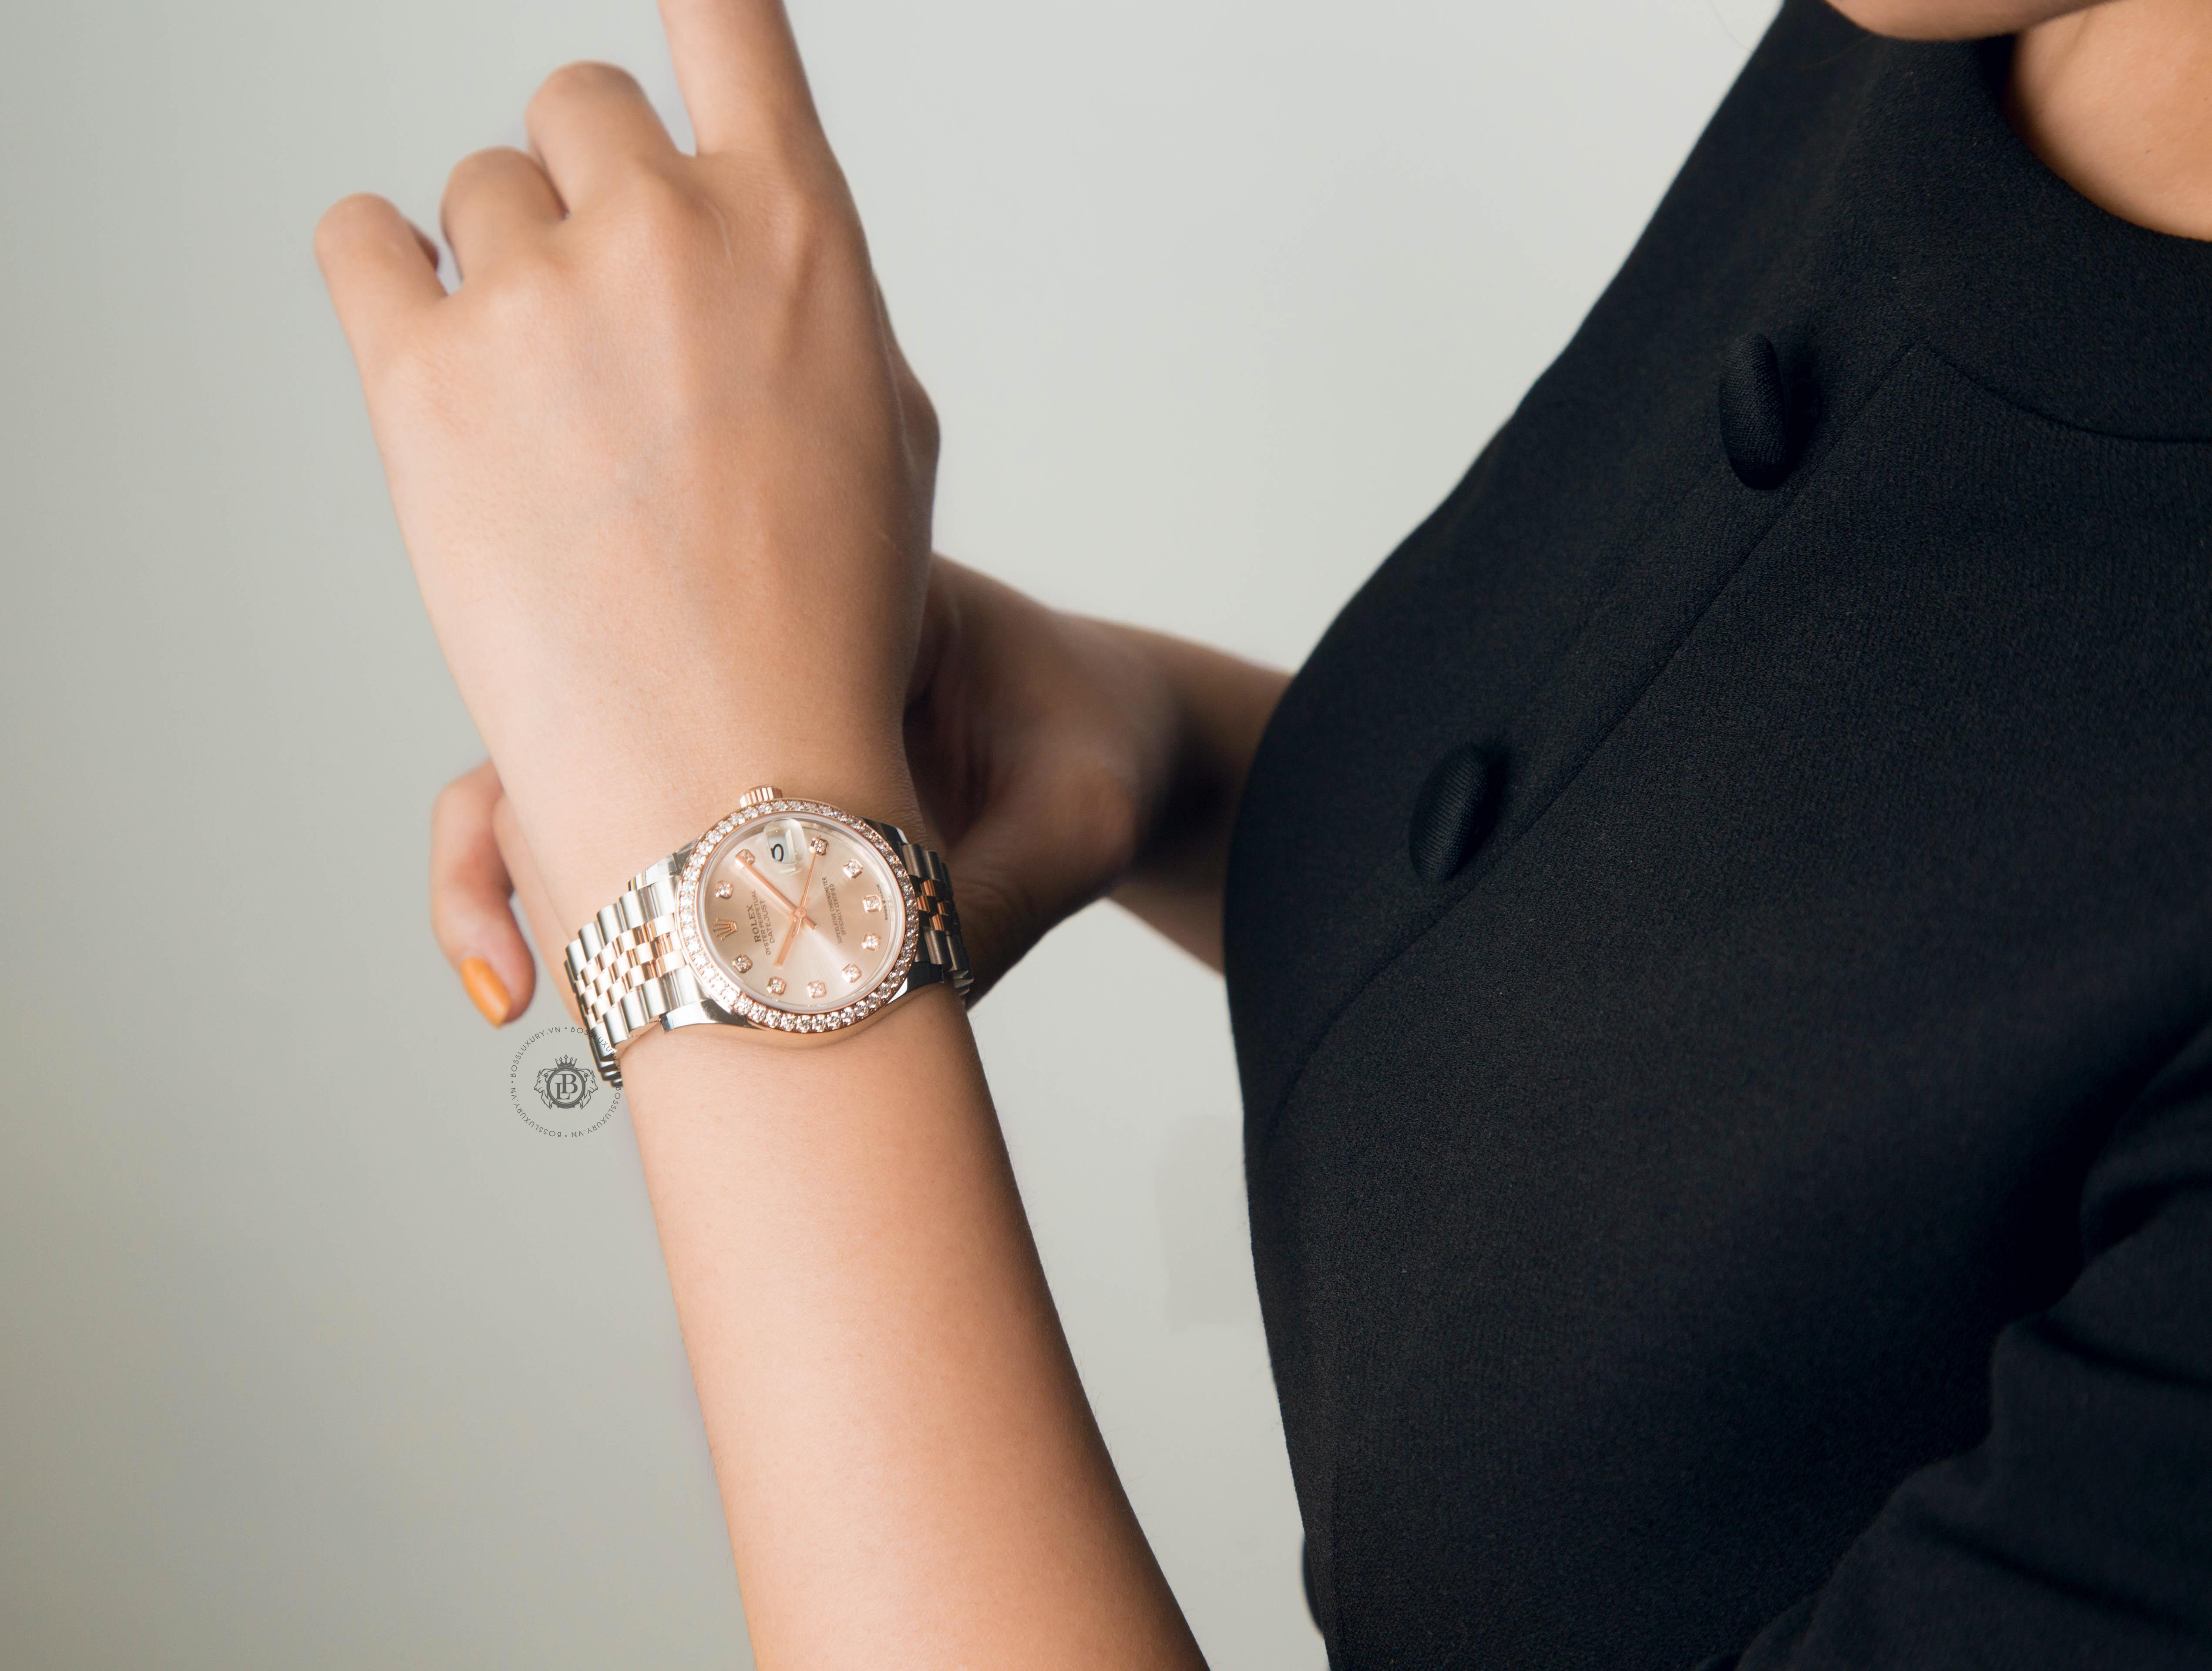 Địa chỉ bán đồng hồ Rolex nữ chính hãng giá rẻ và uy tín tại Việt Nam